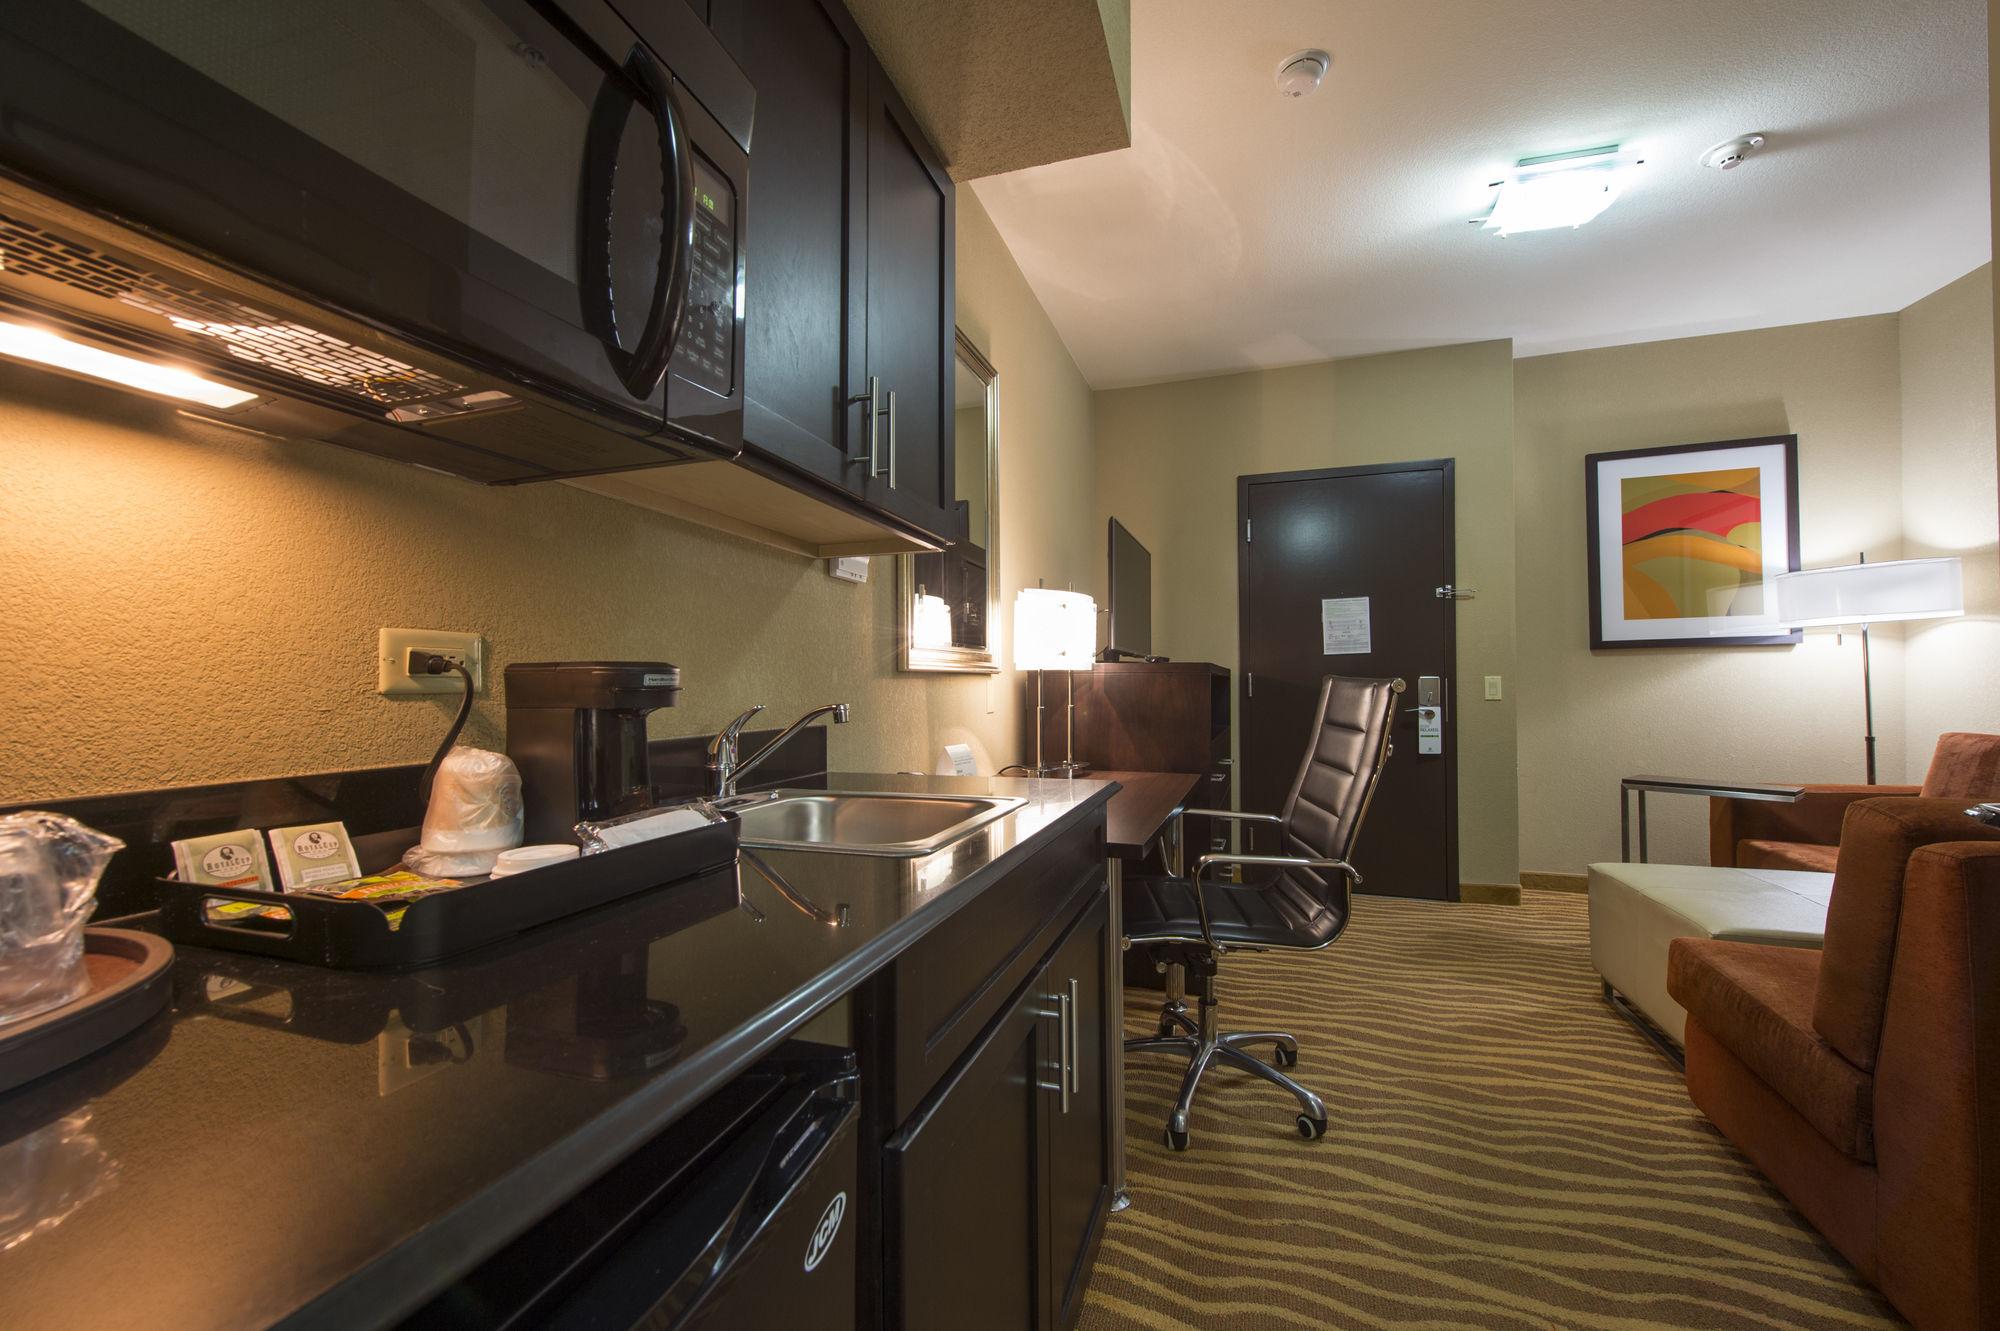 Holiday Inn - Houston Westchase in Houston, TX